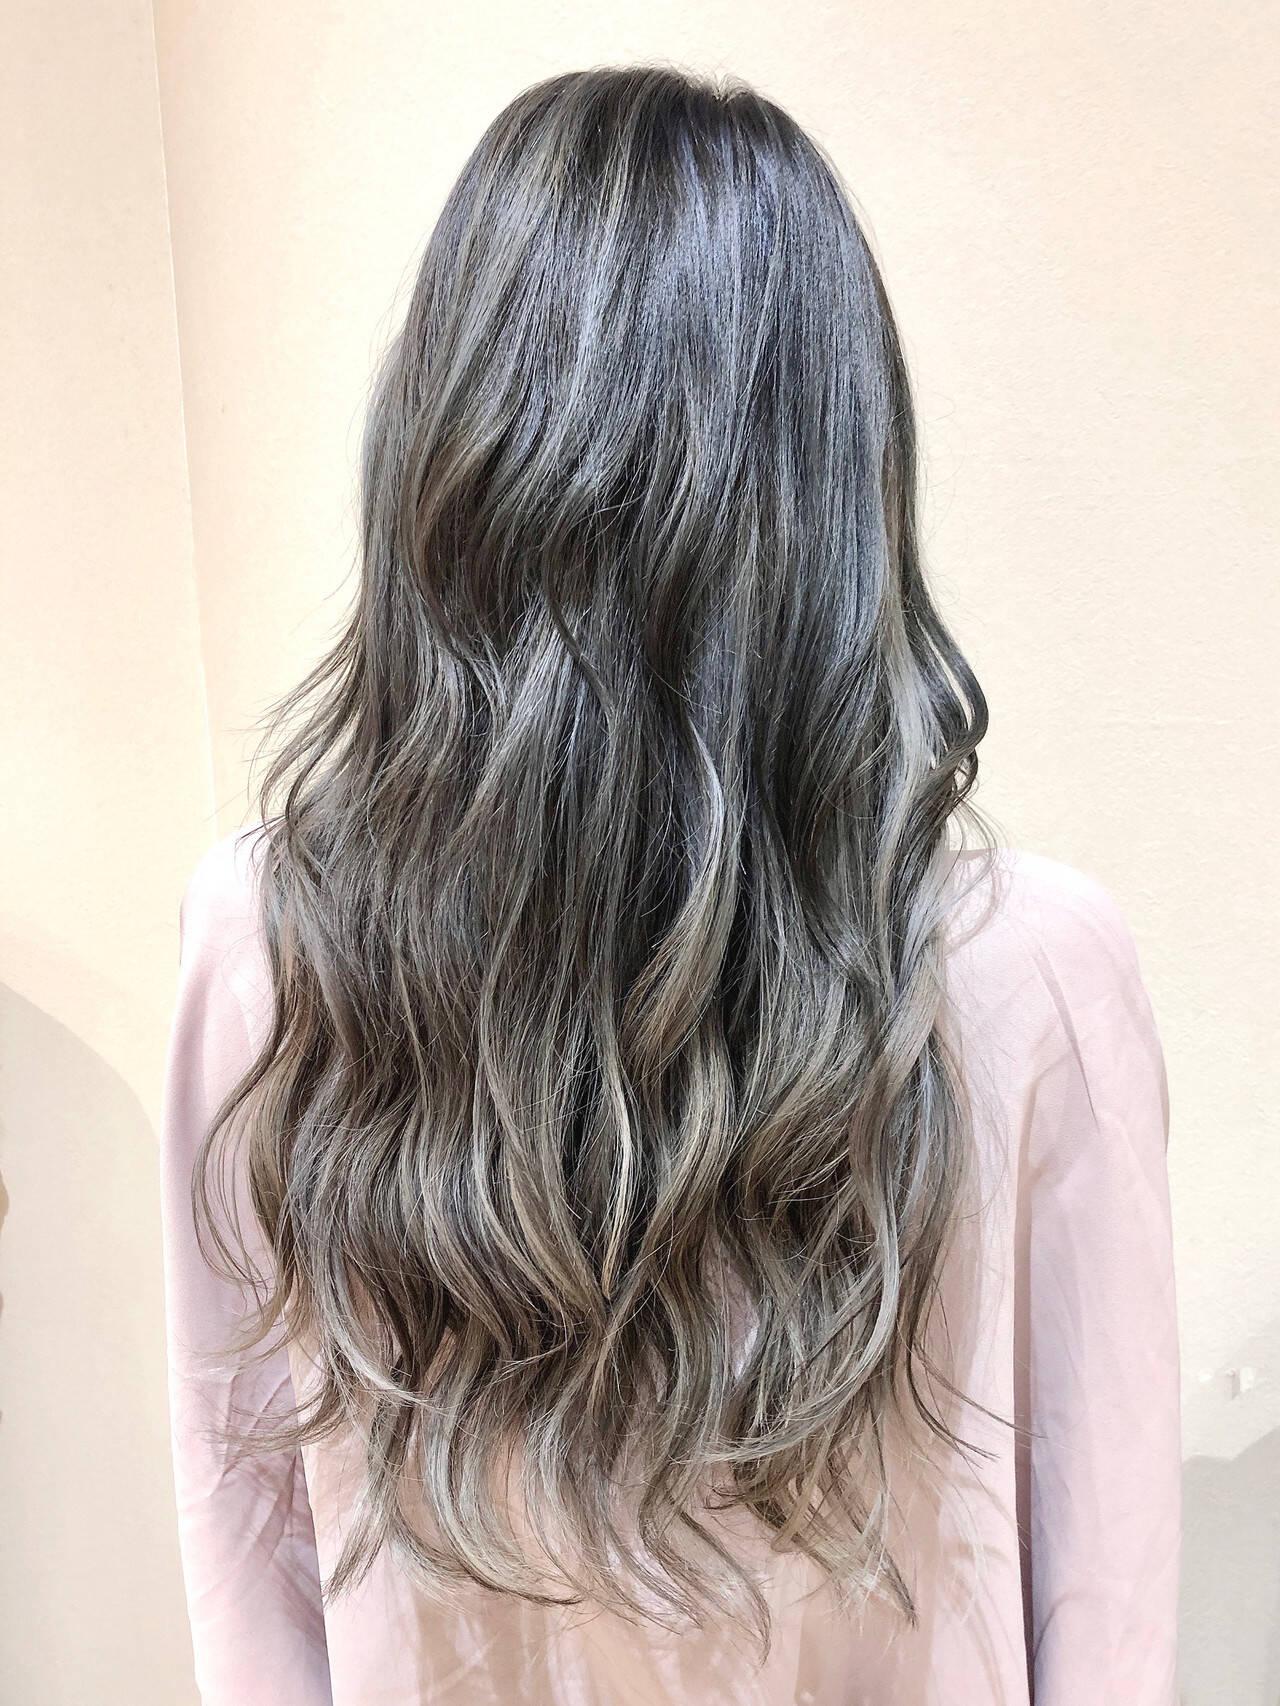 フェミニン ハイライト インナーカラー ロングヘアスタイルや髪型の写真・画像